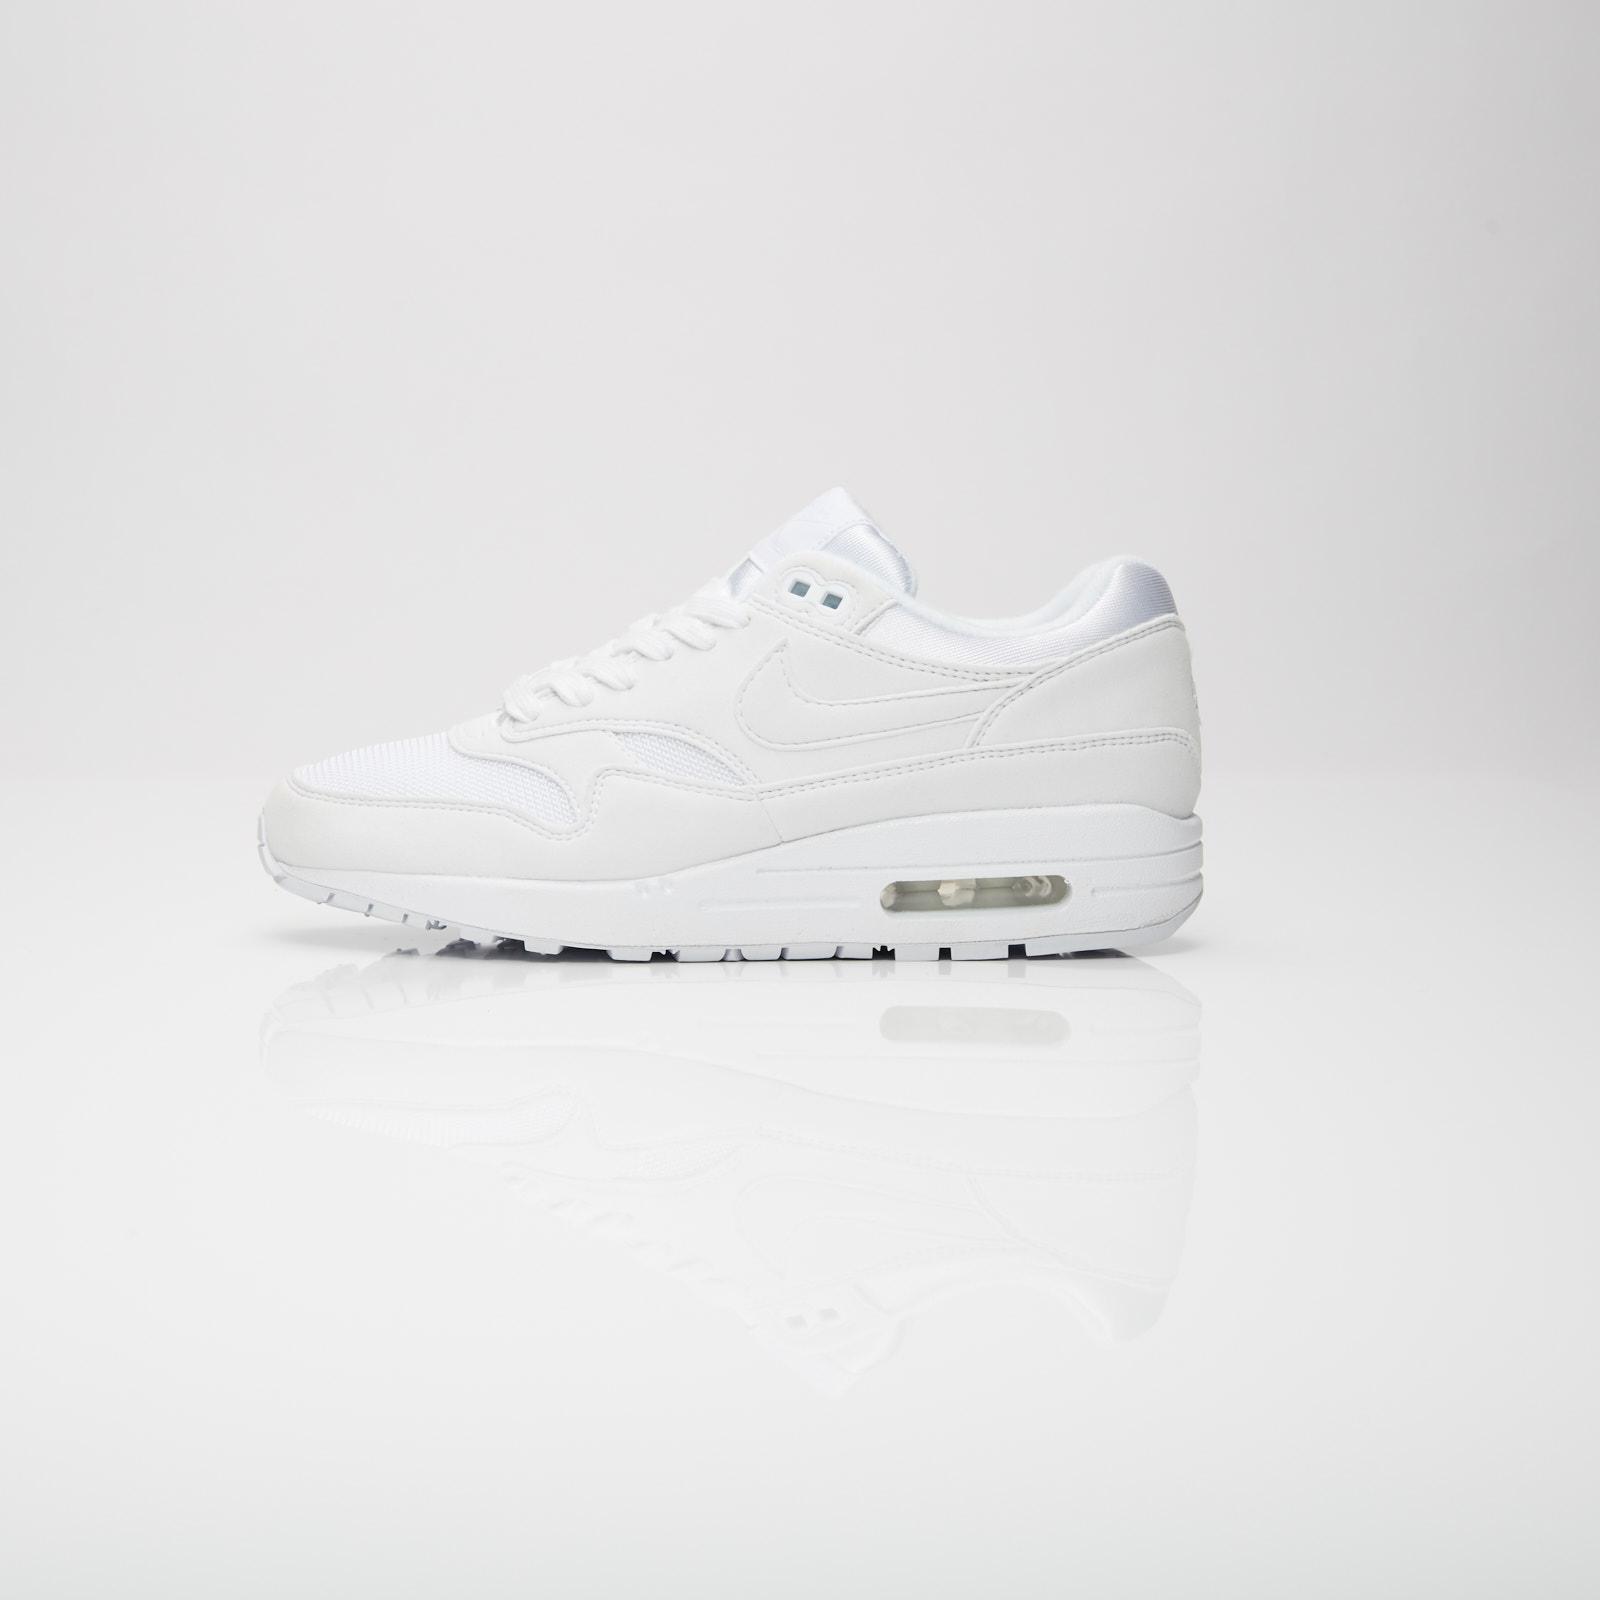 e42fcfe416b8 Nike Wmns Air Max 1 - 319986-108 - Sneakersnstuff